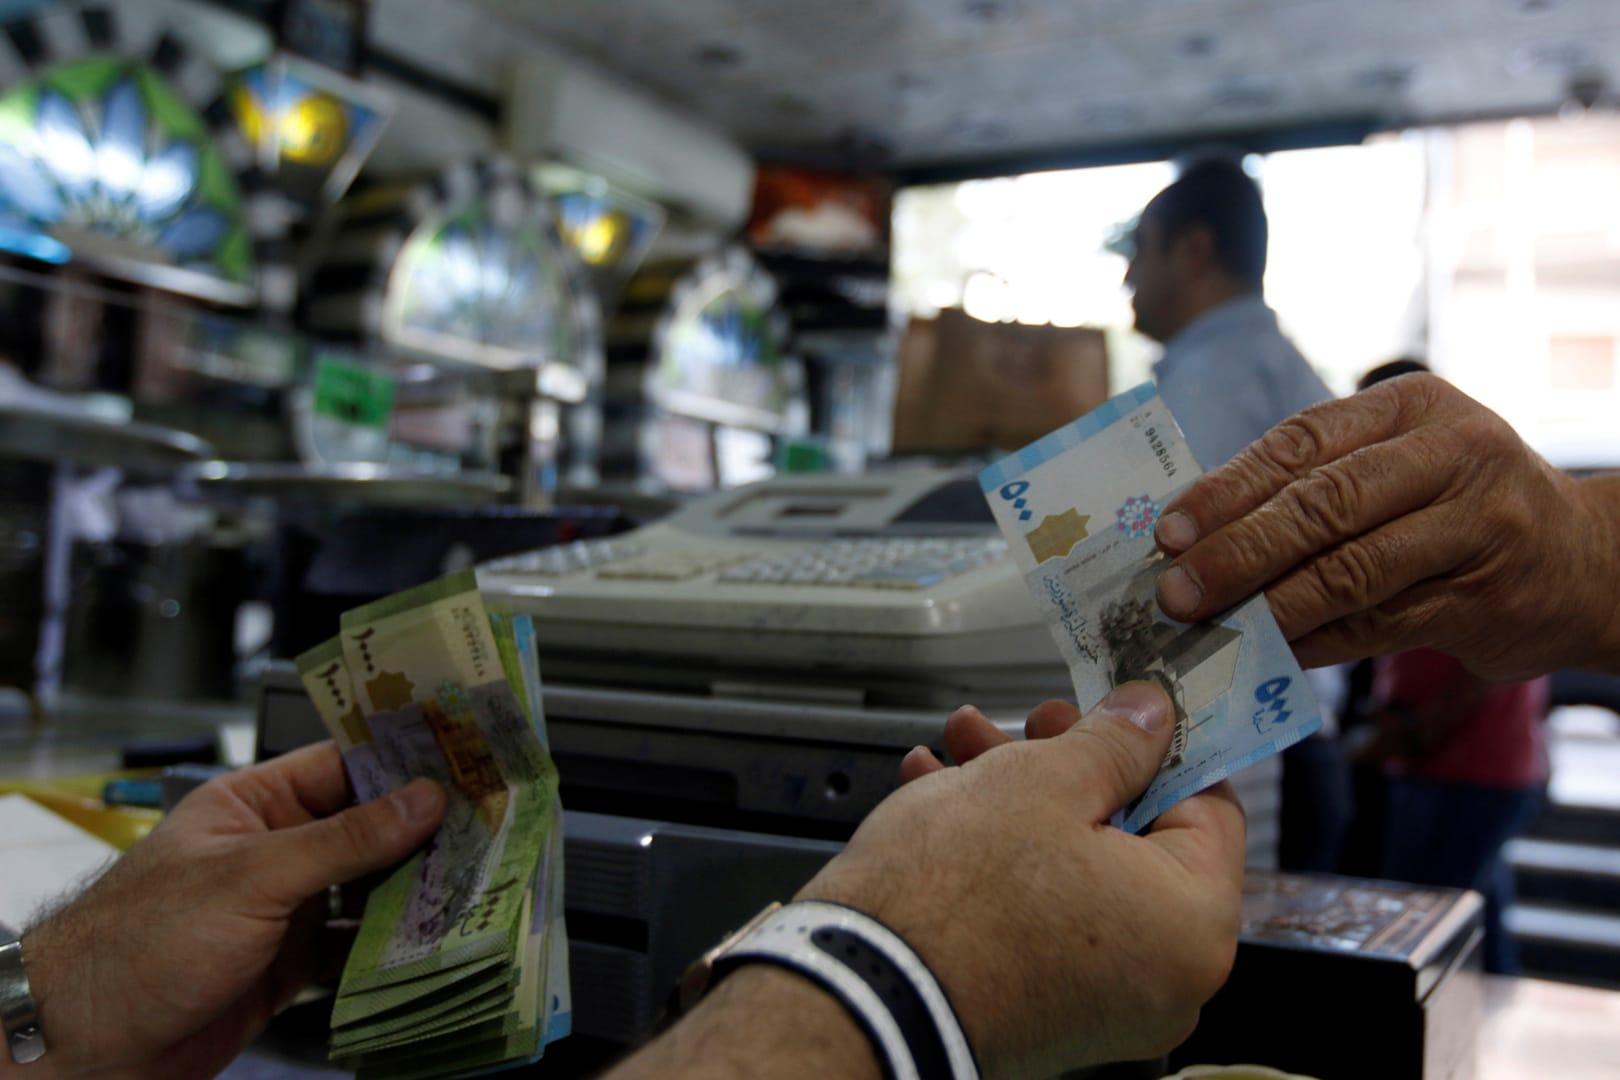 ارتفاع الأسعار متواصل في سوريا